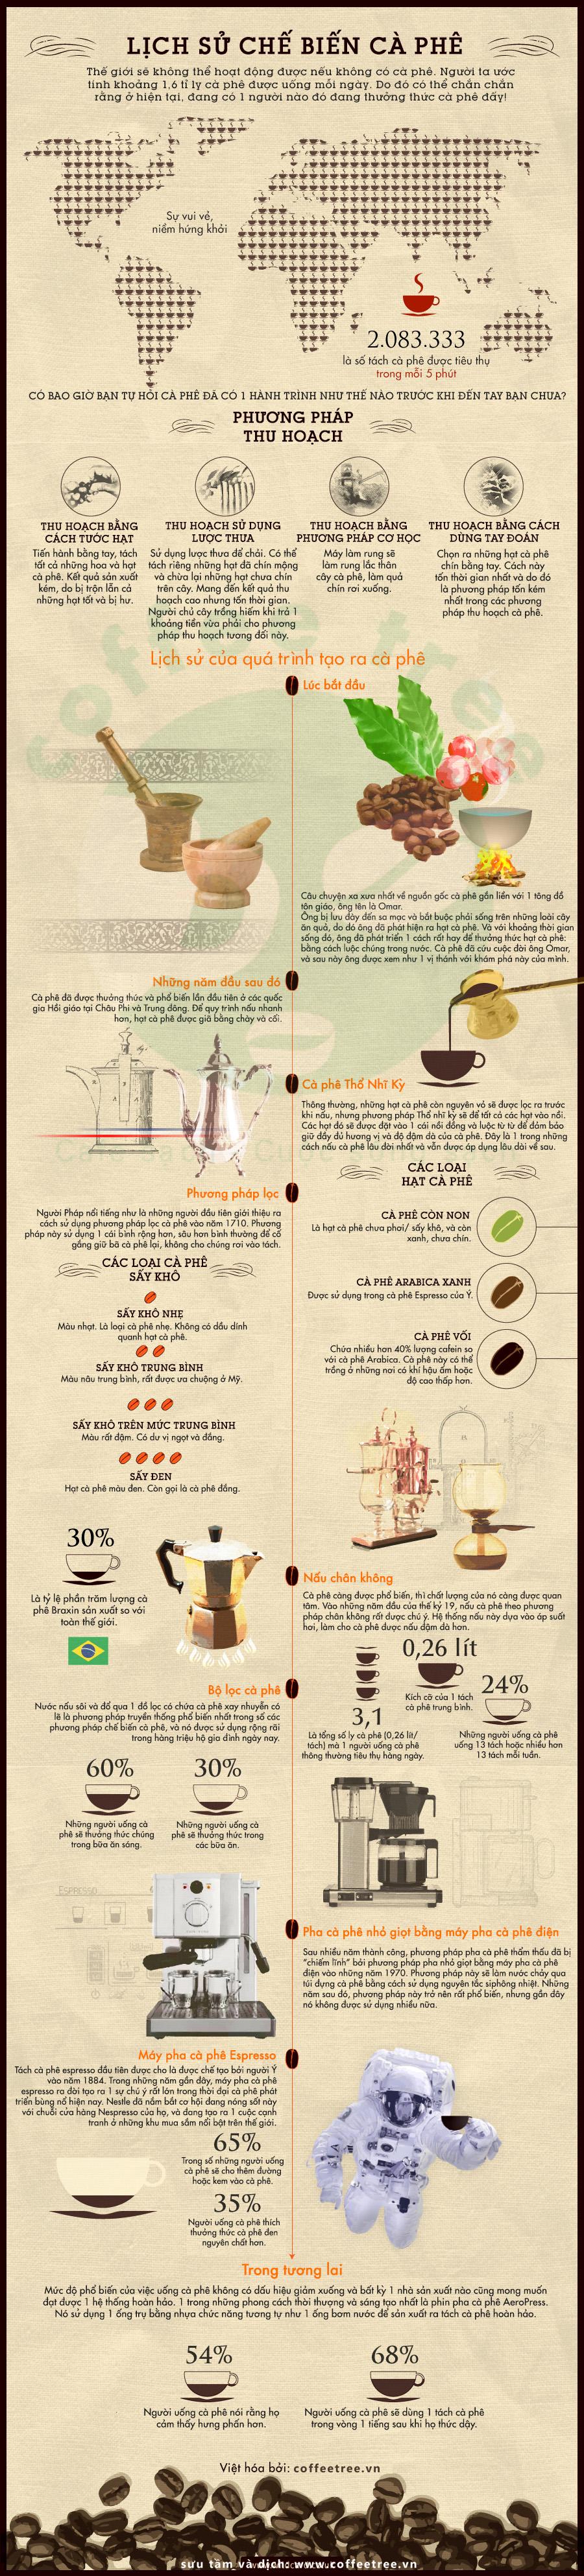 lịch sử hình thành cà phê